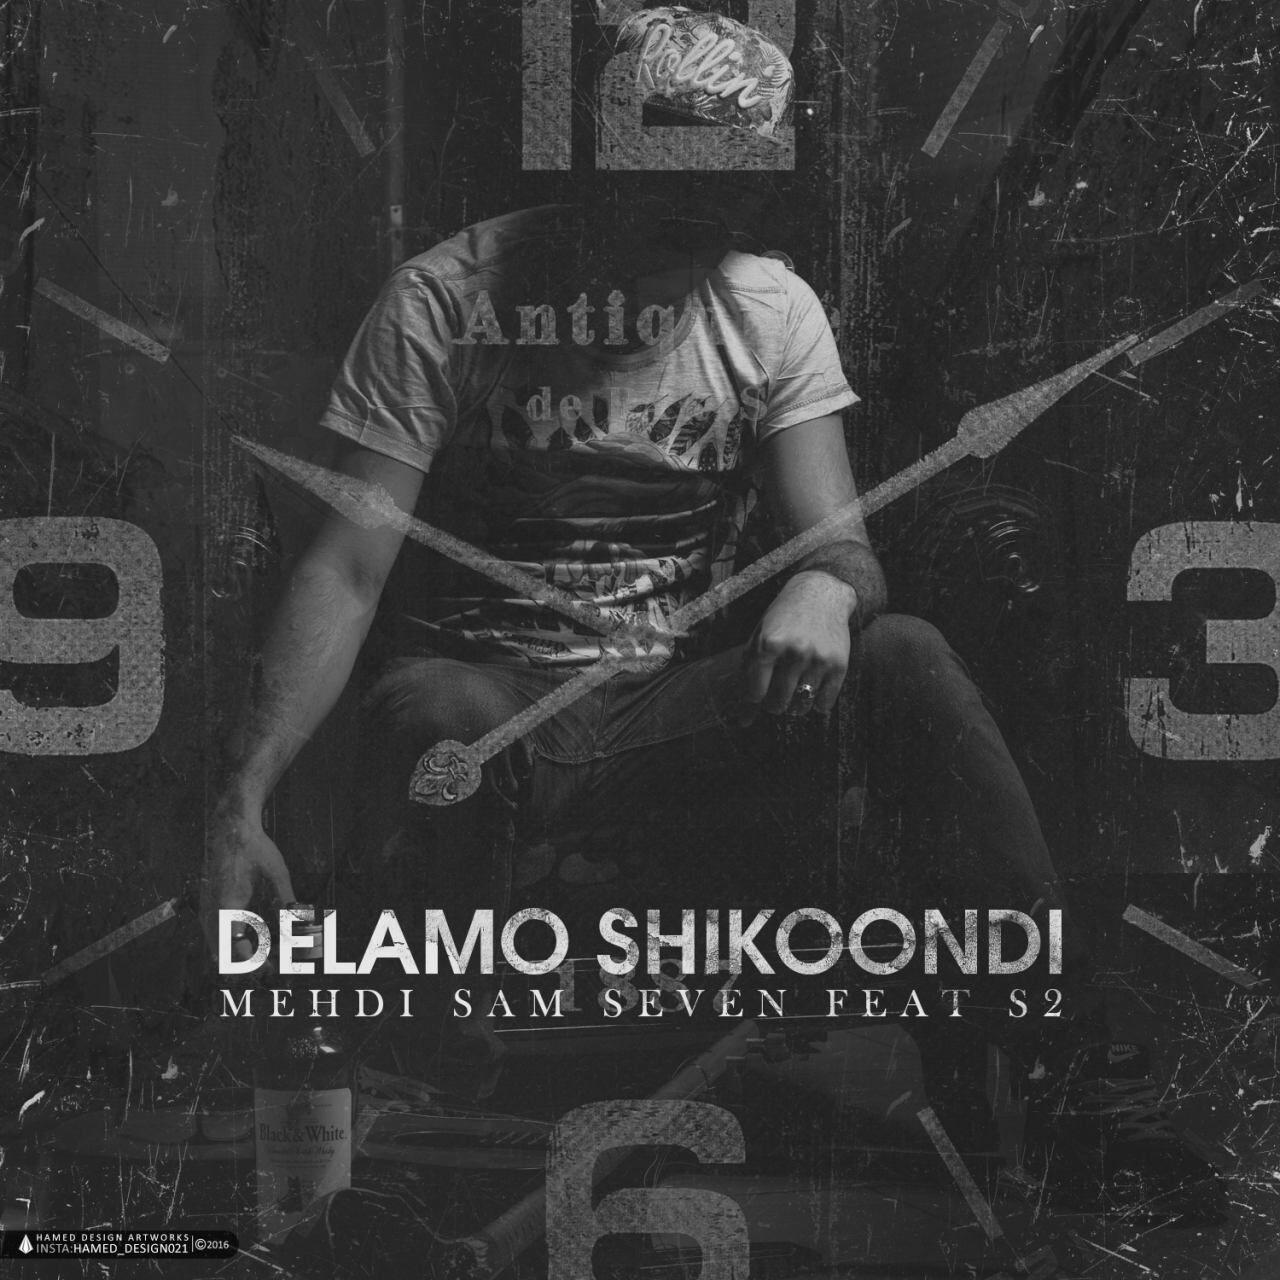 Mehdi Samseven Ft S2 – Delamo Shikoondi